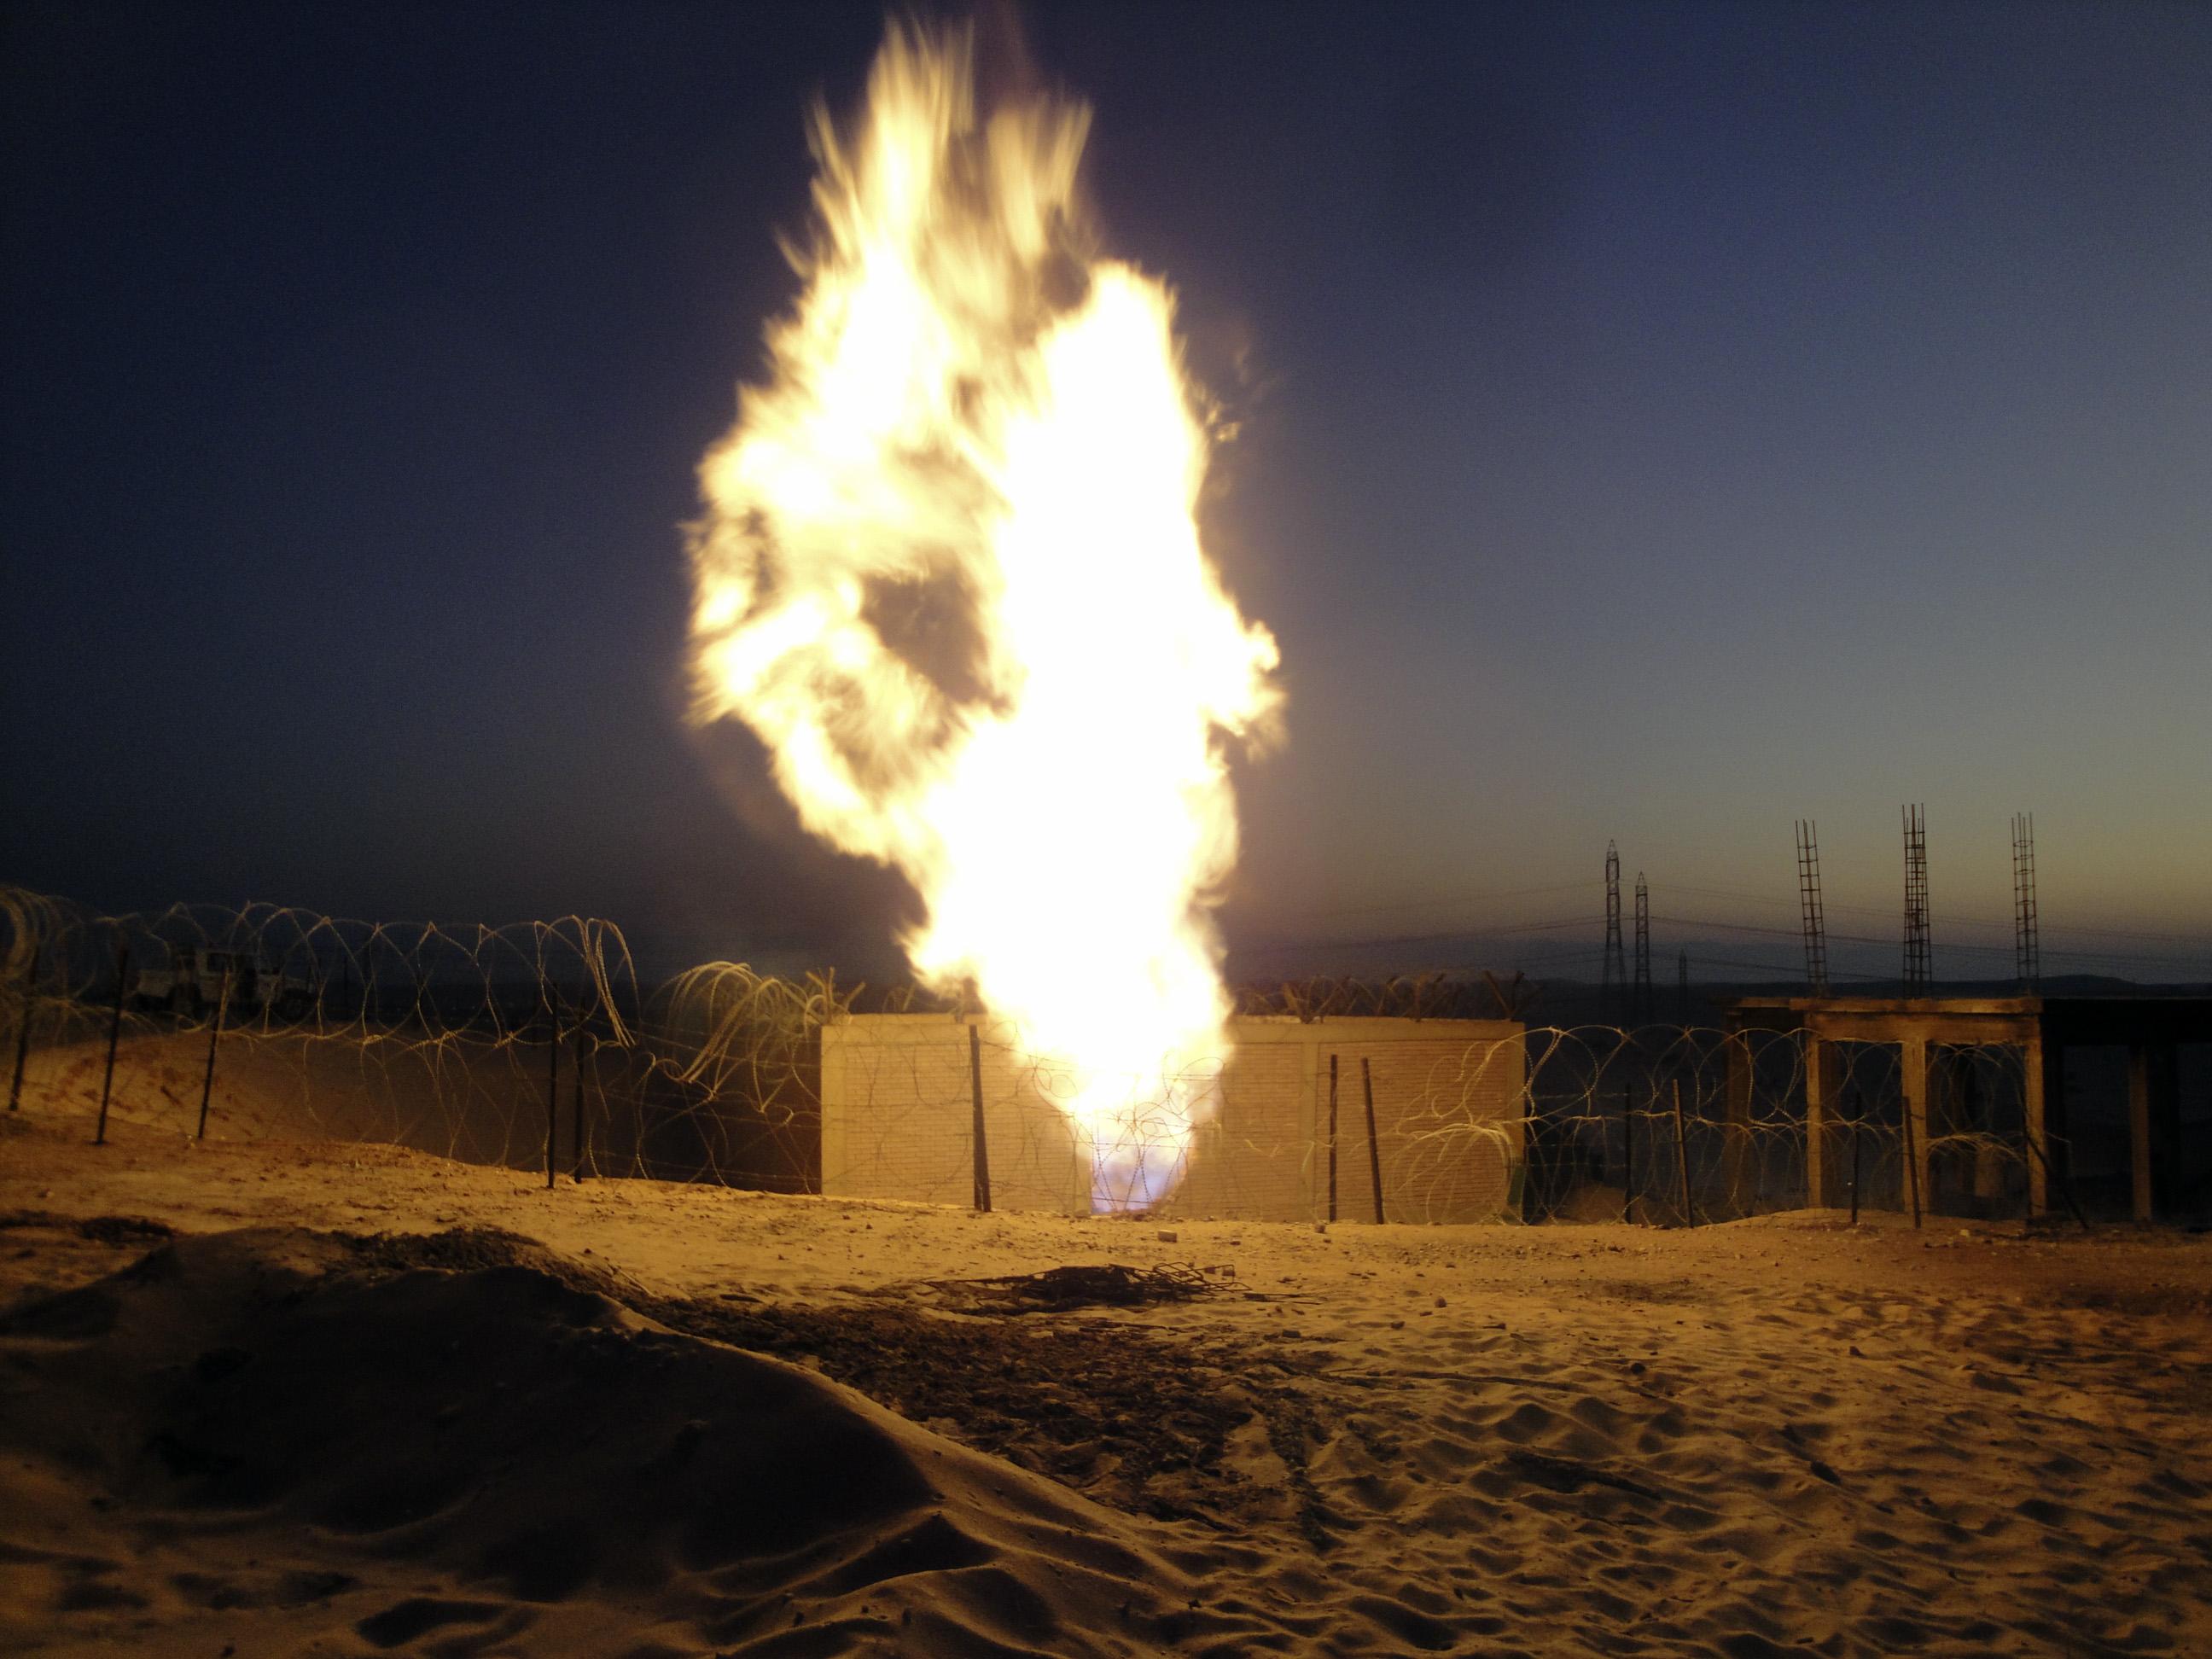 Αίγυπτος: Εκρηξη σε αγωγό φυσικού αερίου   tovima.gr